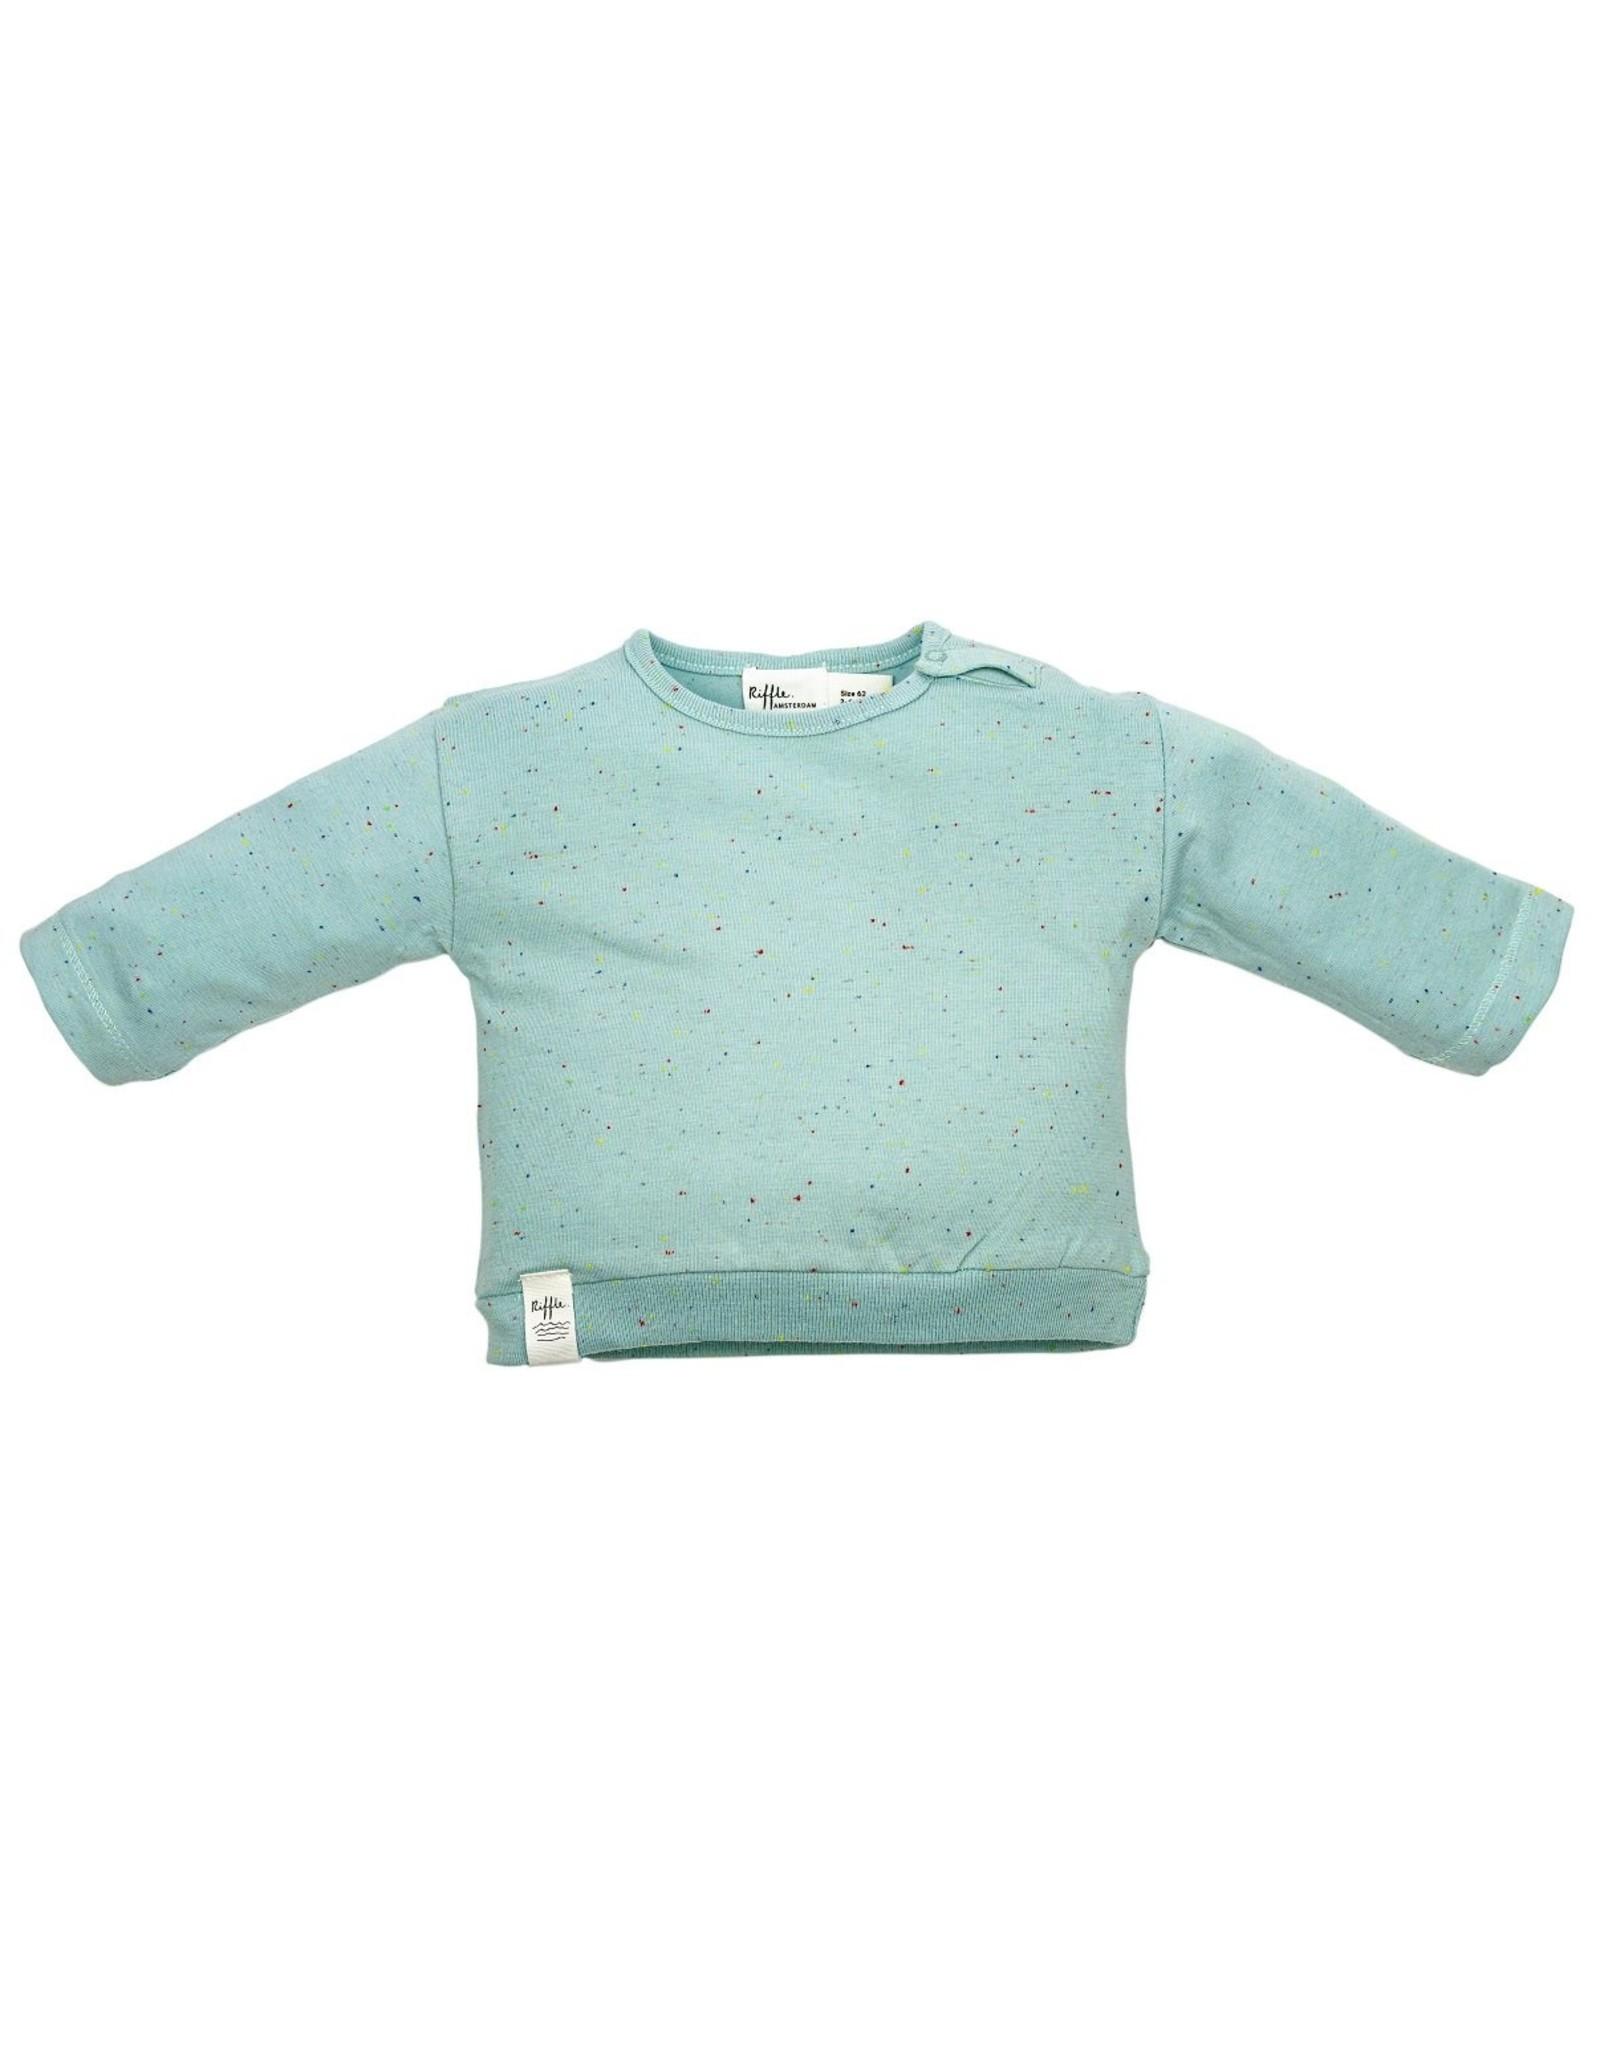 Riffle Amsterdam Riffle Amsterdam Sweater Green